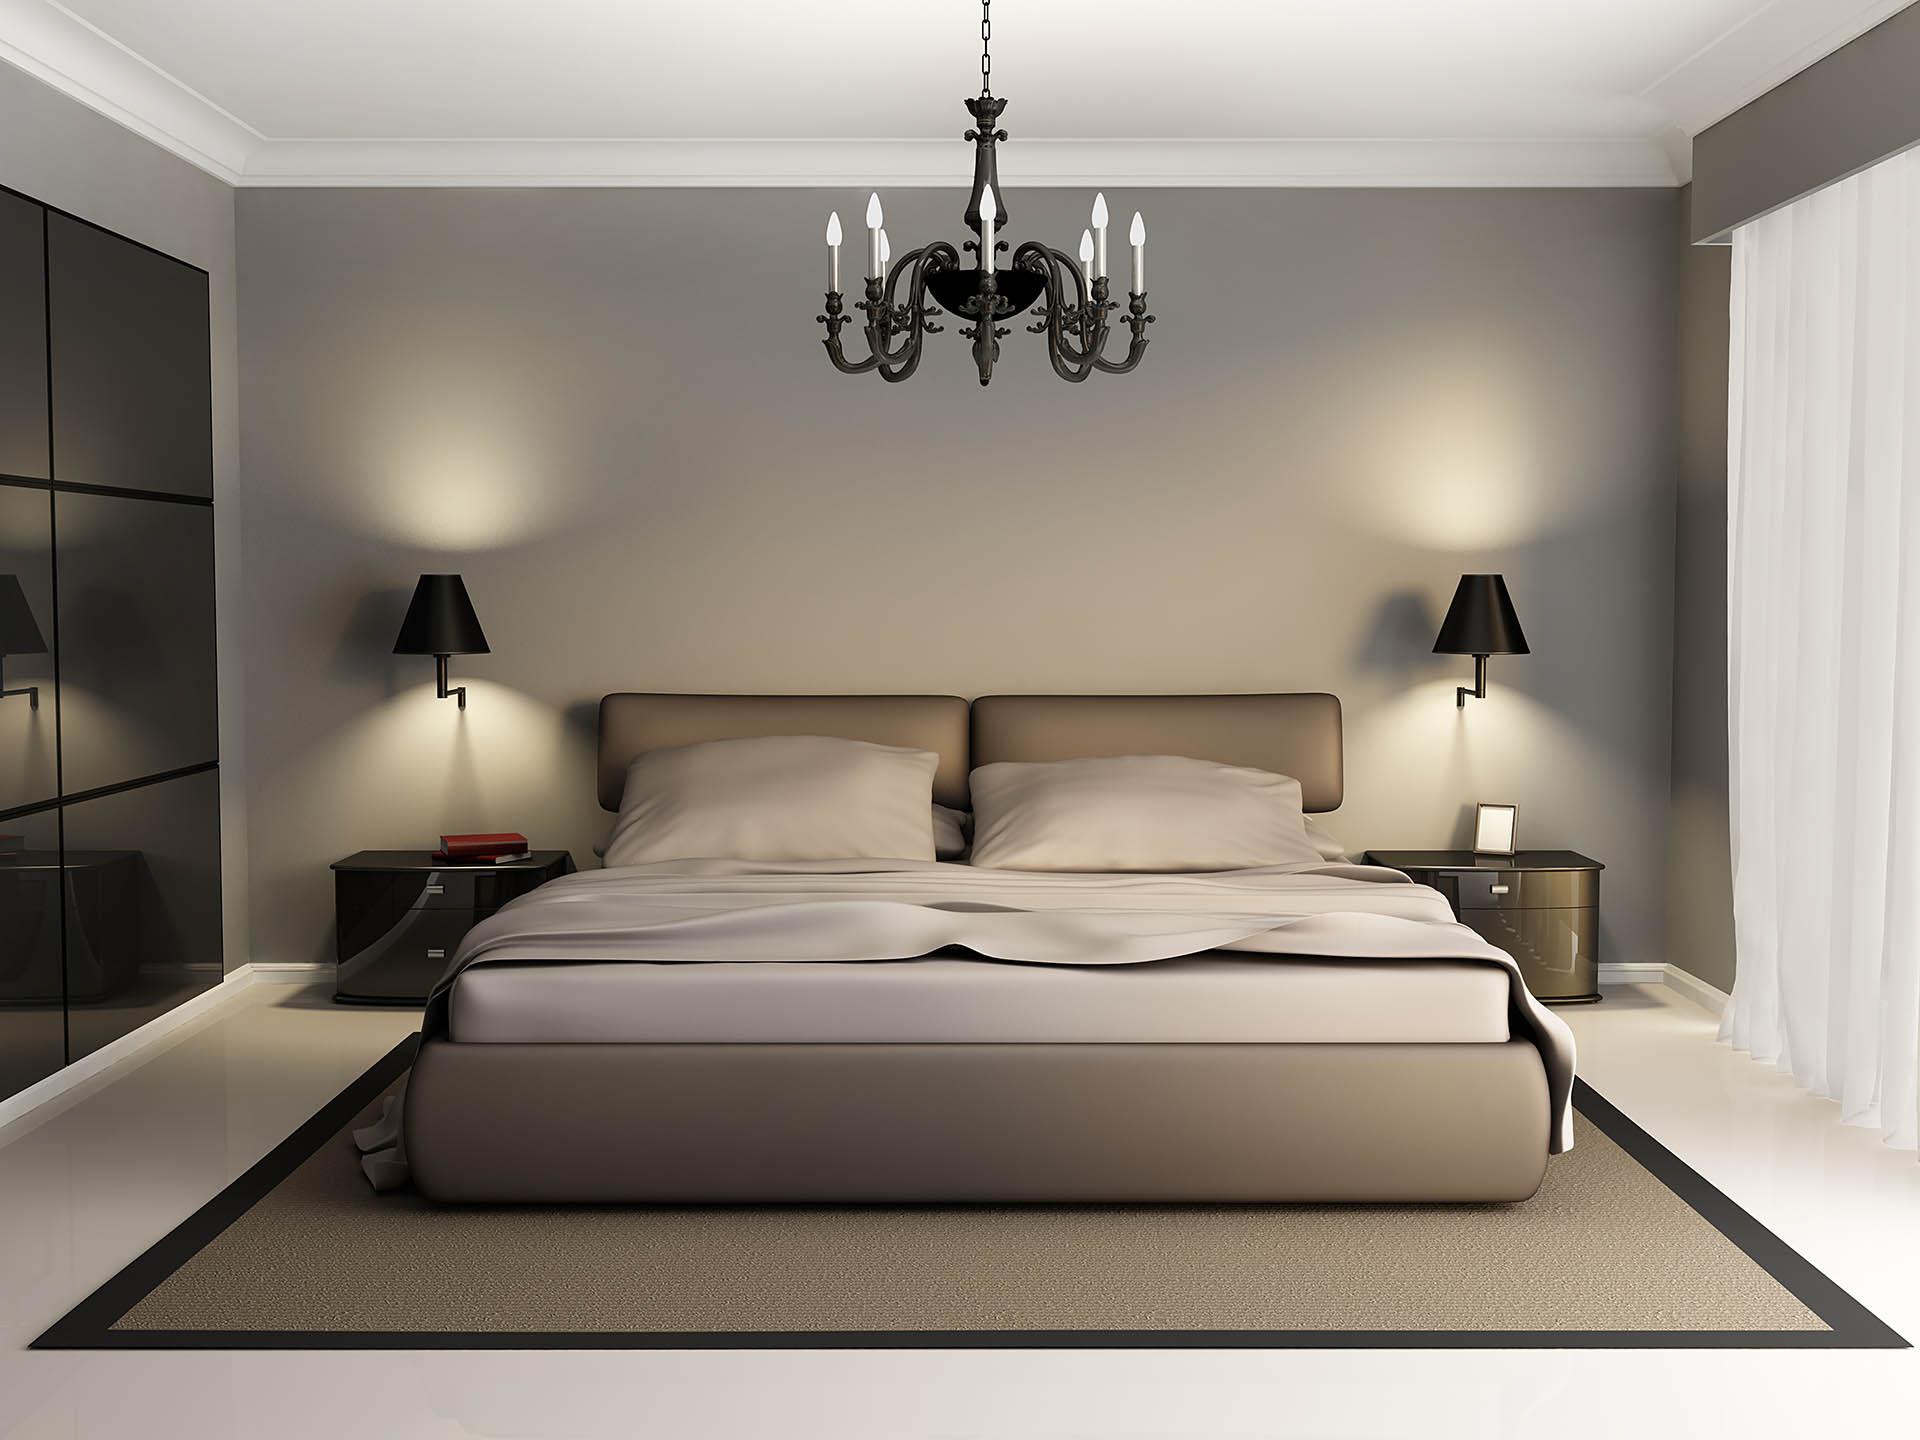 تاثیر اتاق خواب در رابطه جنسی